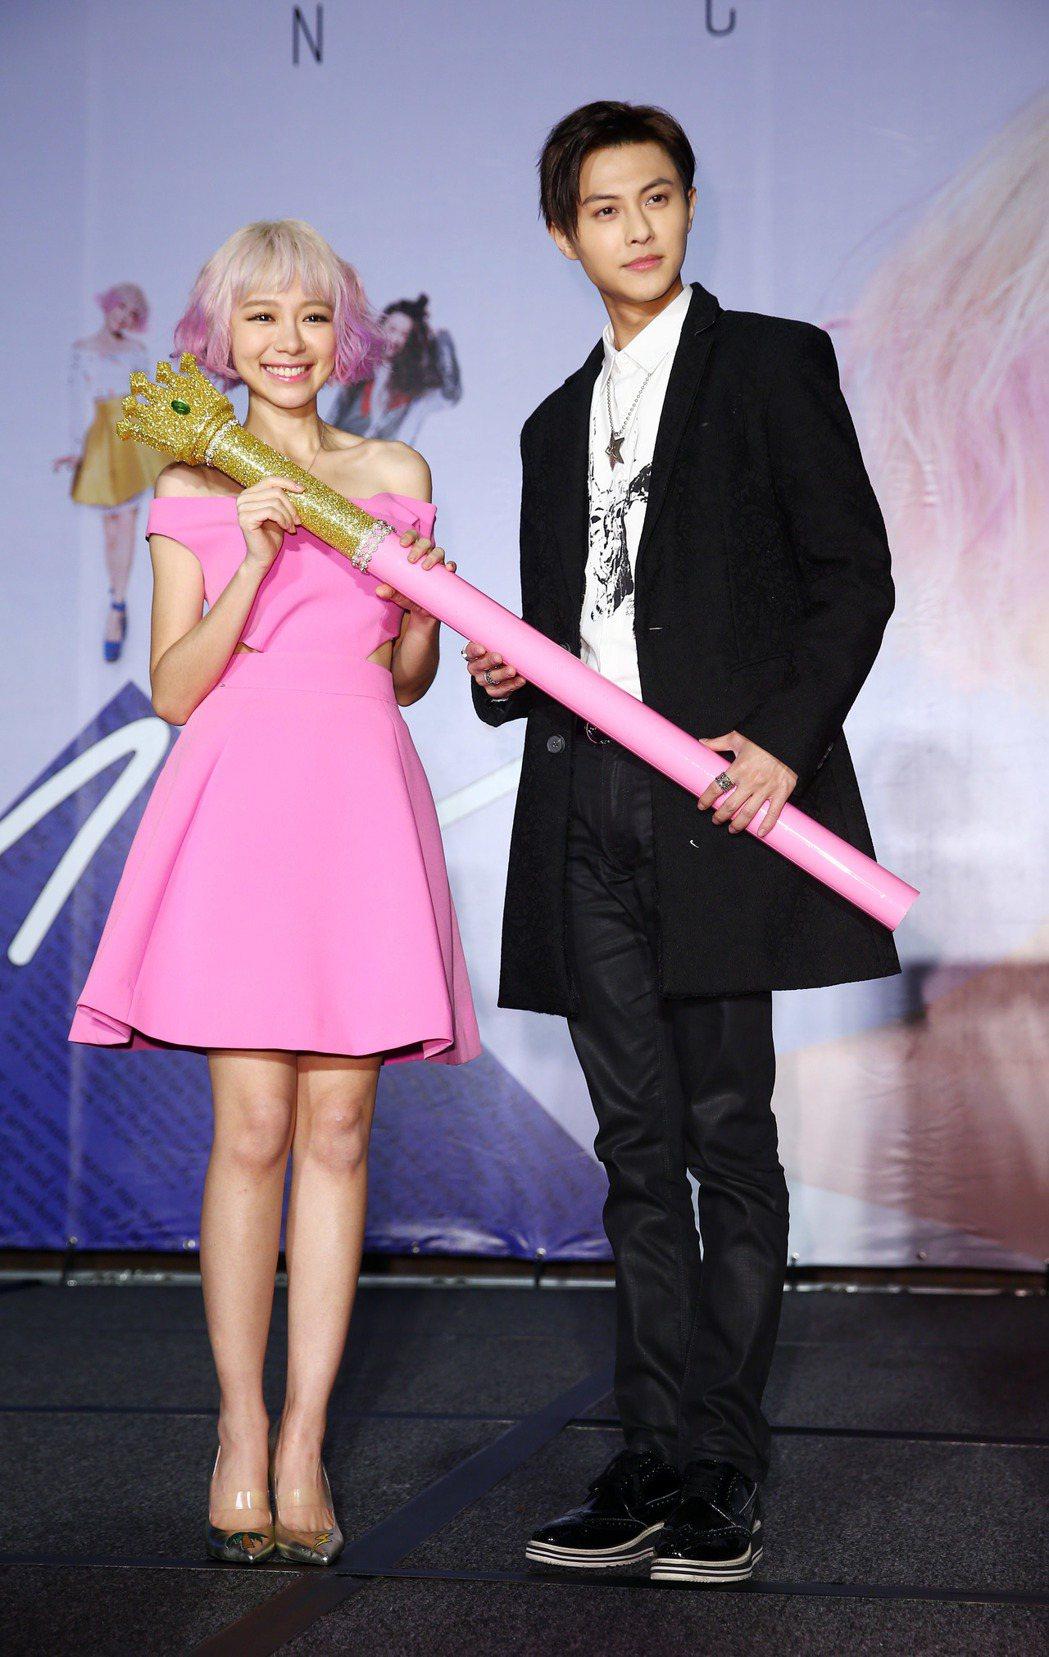 偶像劇男神「王子」邱勝翊(右)來為林明禎(左)加油打氣。記者杜建重/攝影